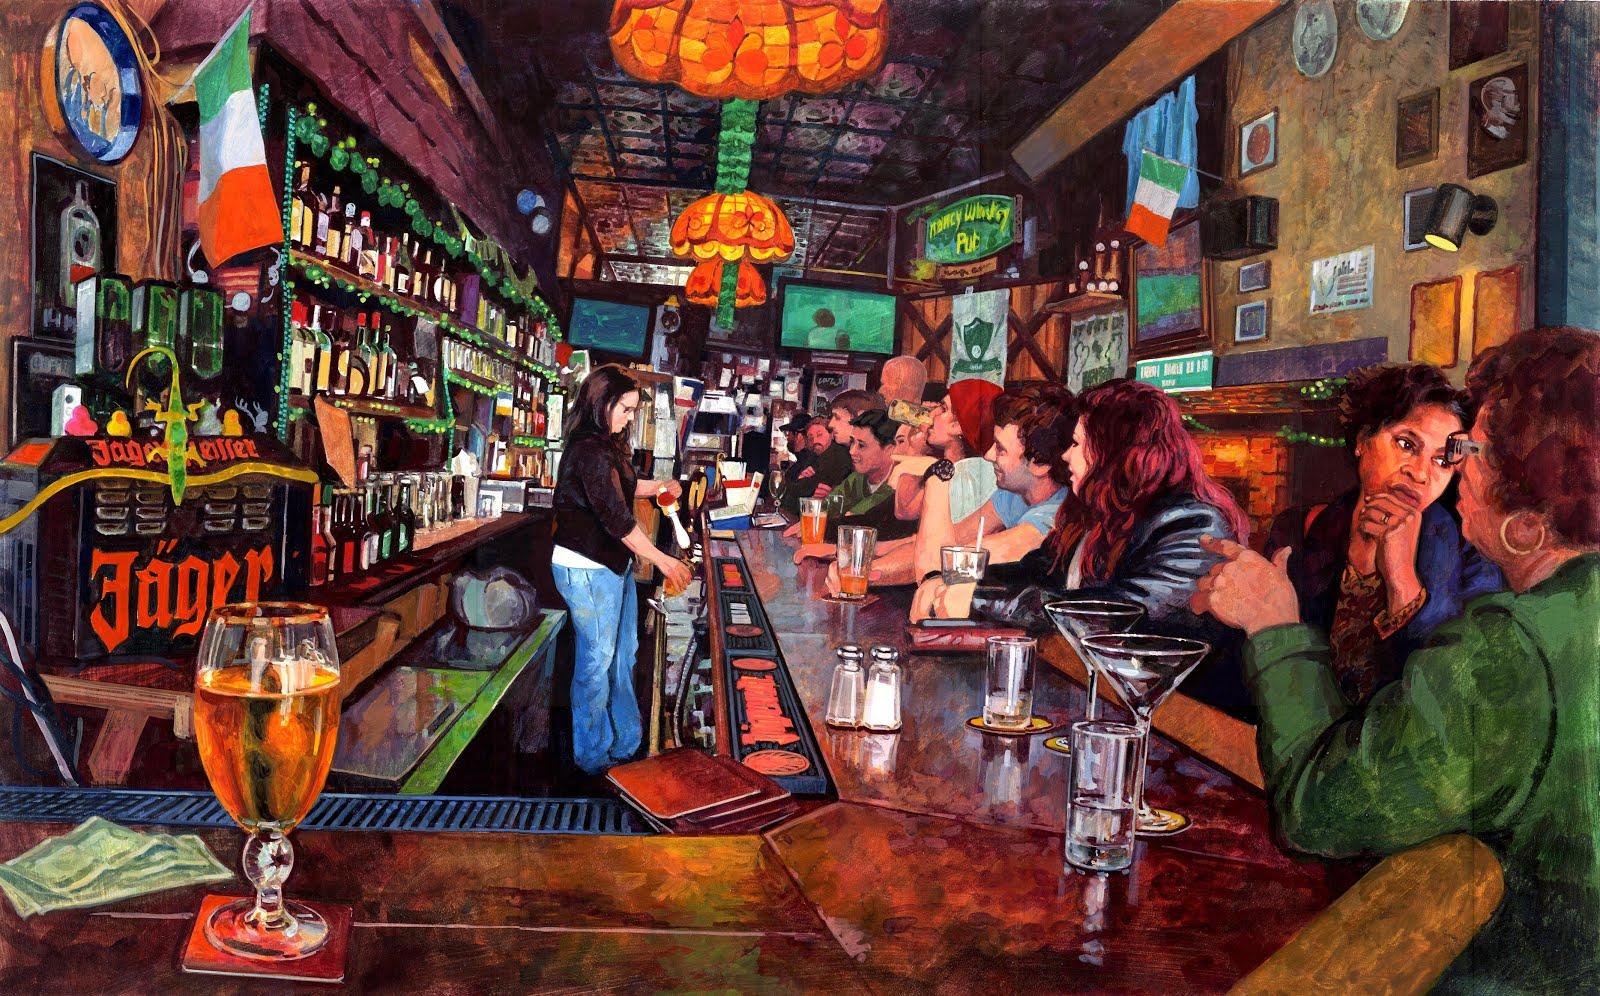 достоинства фото баров художники шикарный особняк тоже